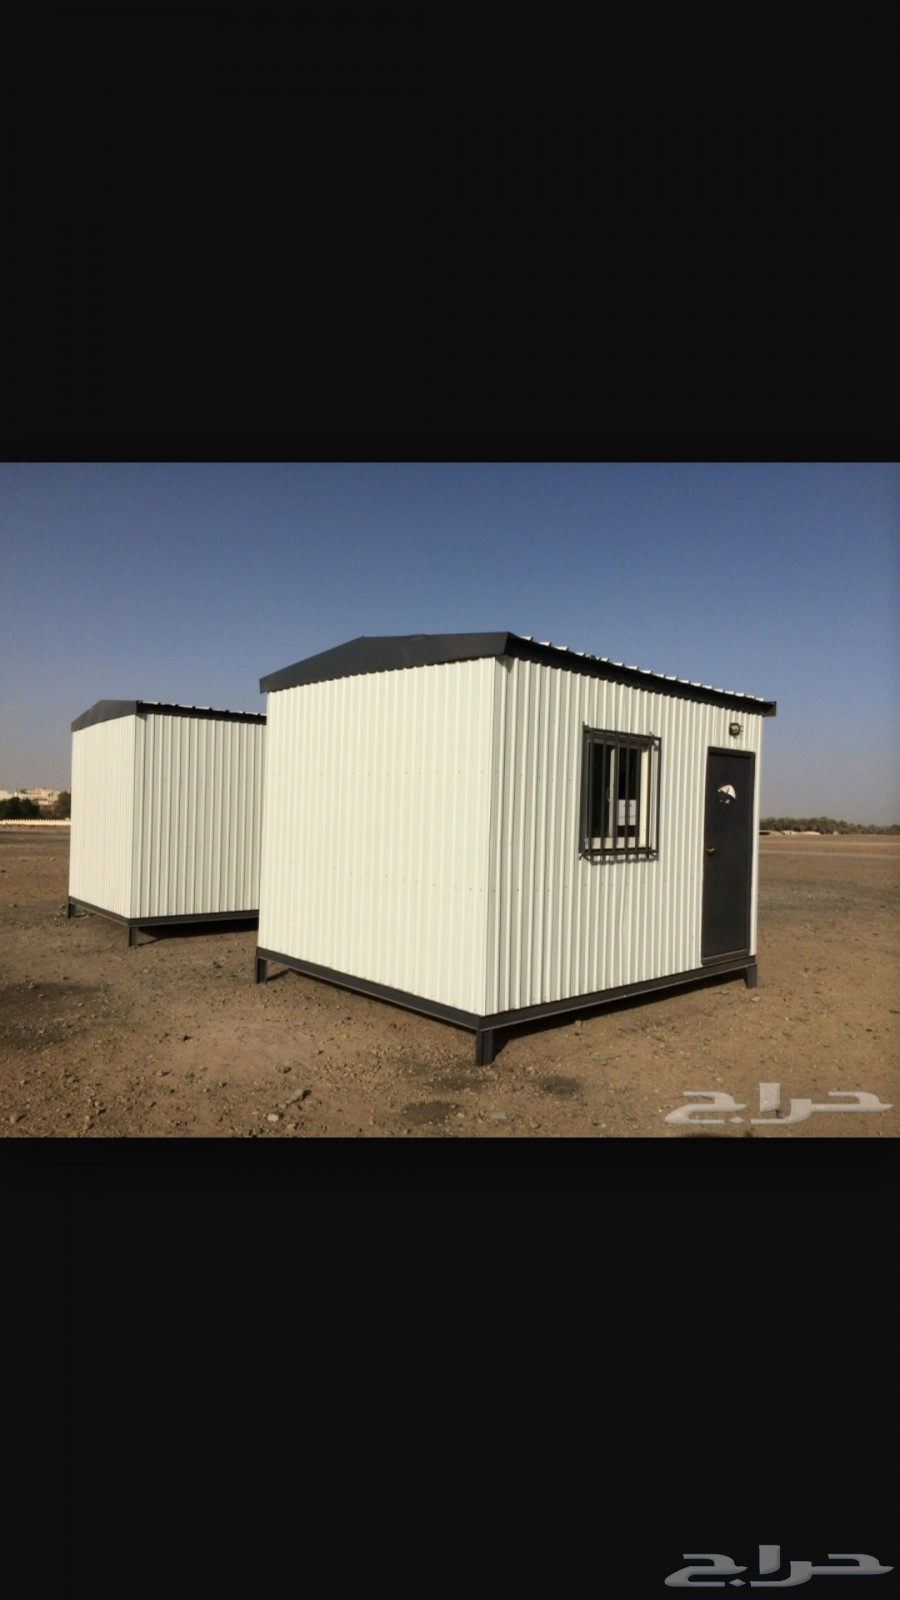 حراج الأجهزة | غرف جاهزة   بيوت جاهزة   غرف سواقين   بركسات